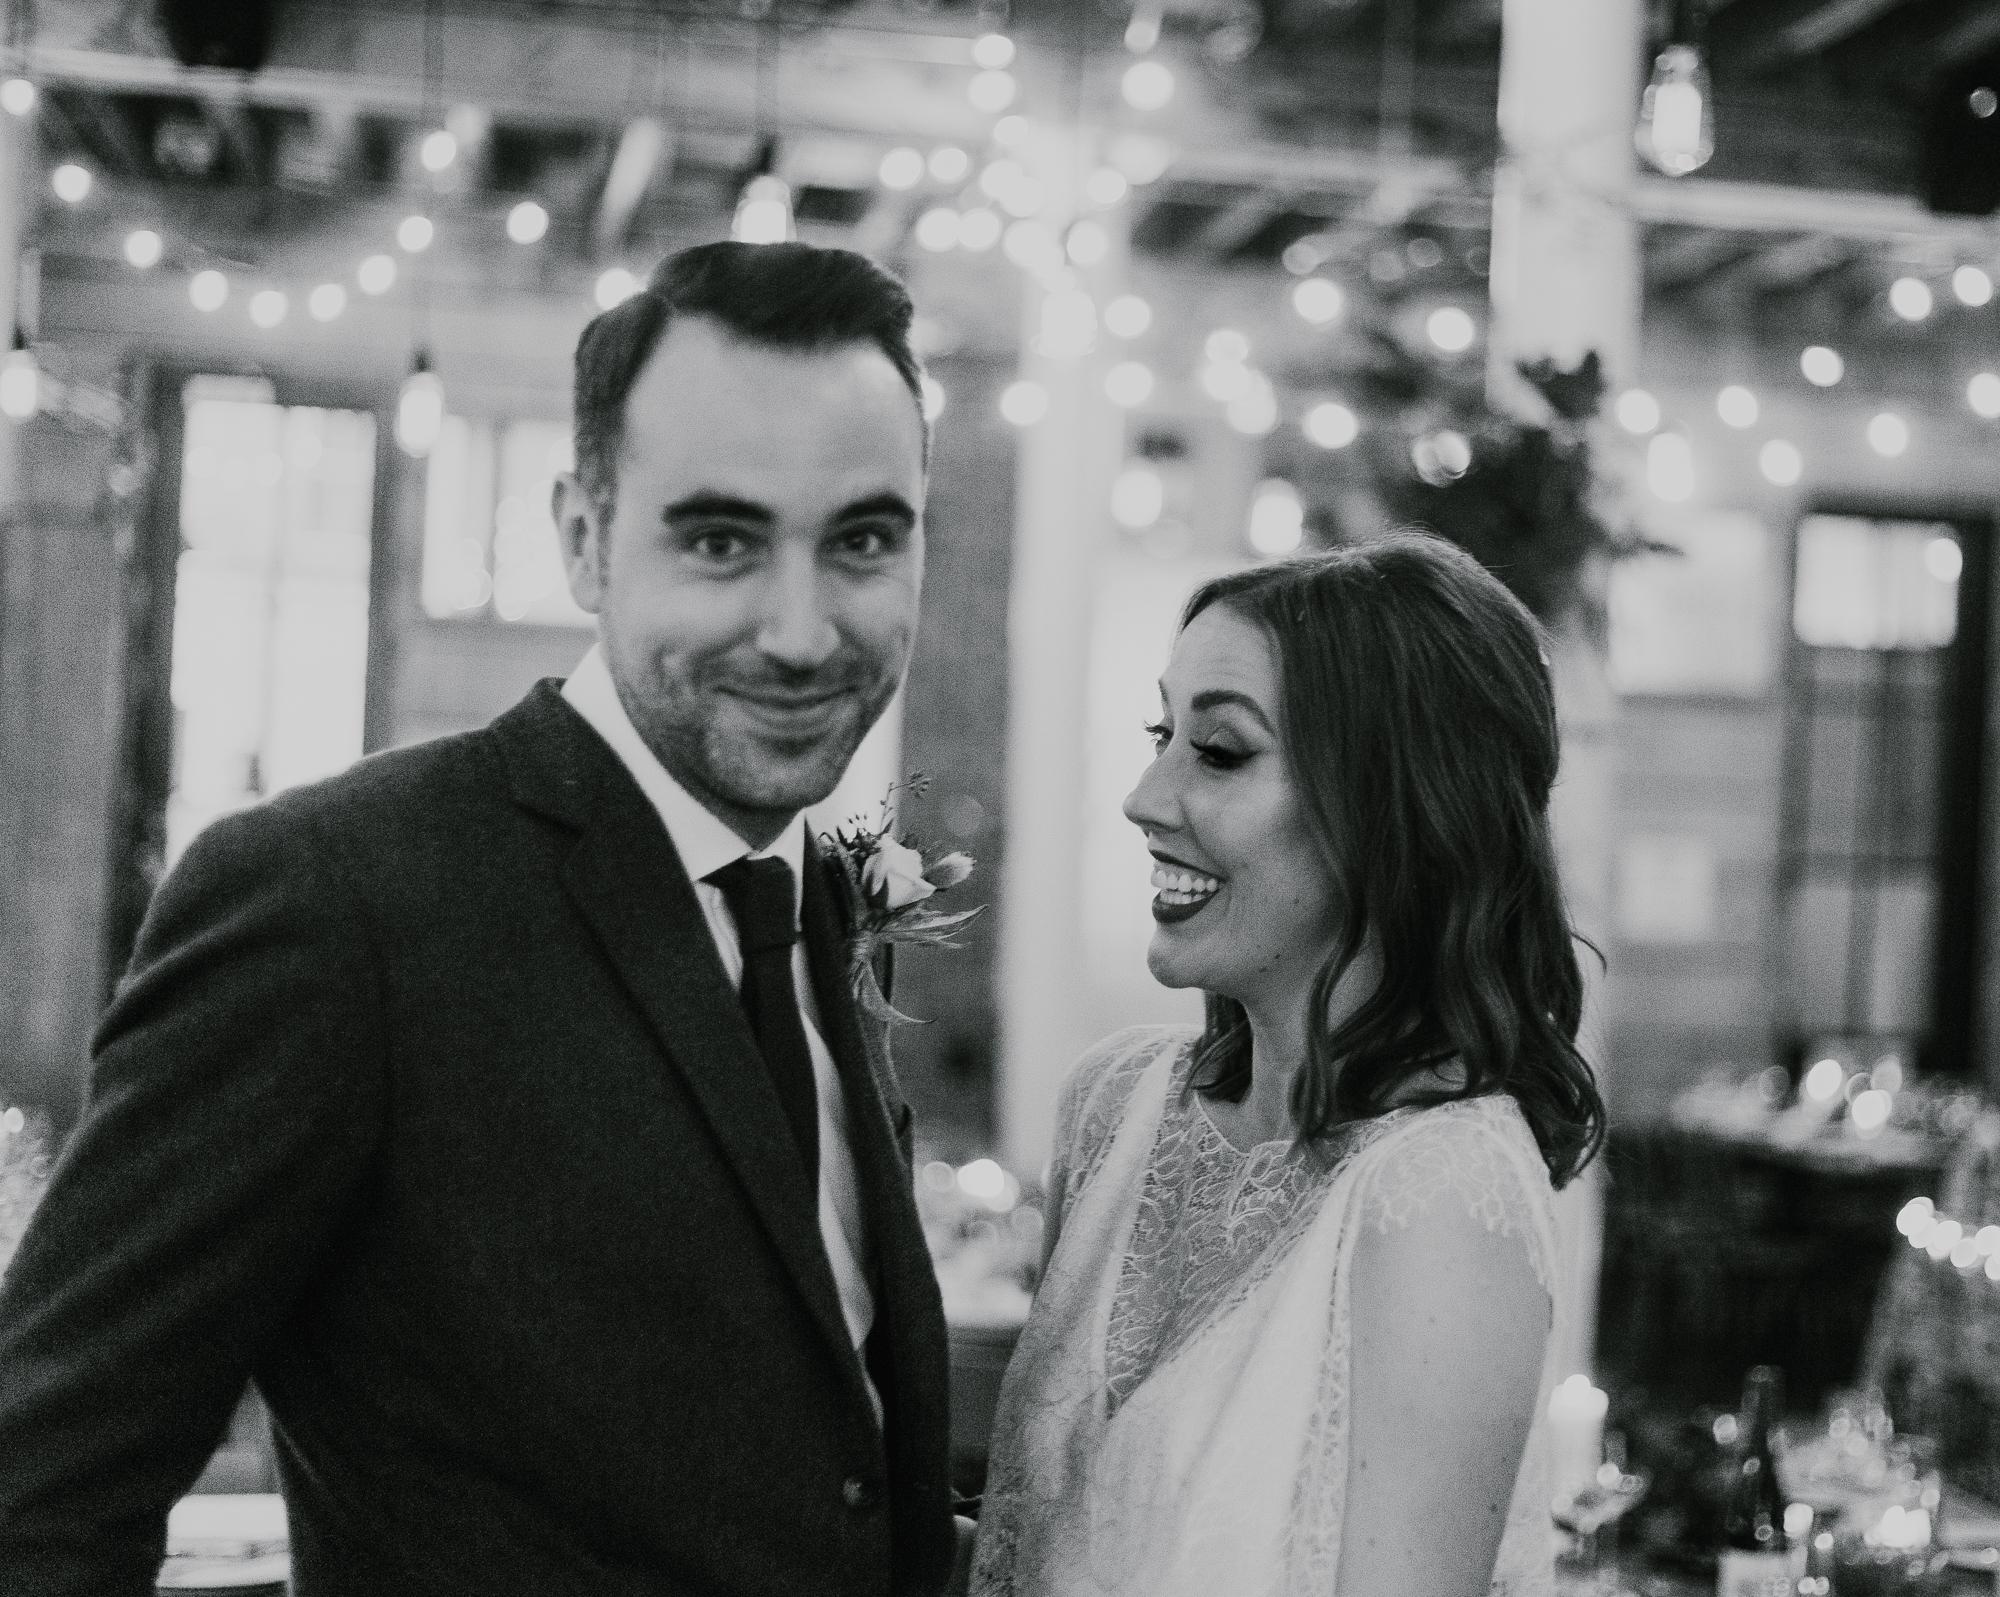 Quirky Venue, Non-traditional wedding planner, London Wedding coordination, Bespoke weddings, Brixton Wedding, Informal, Unusual Venue